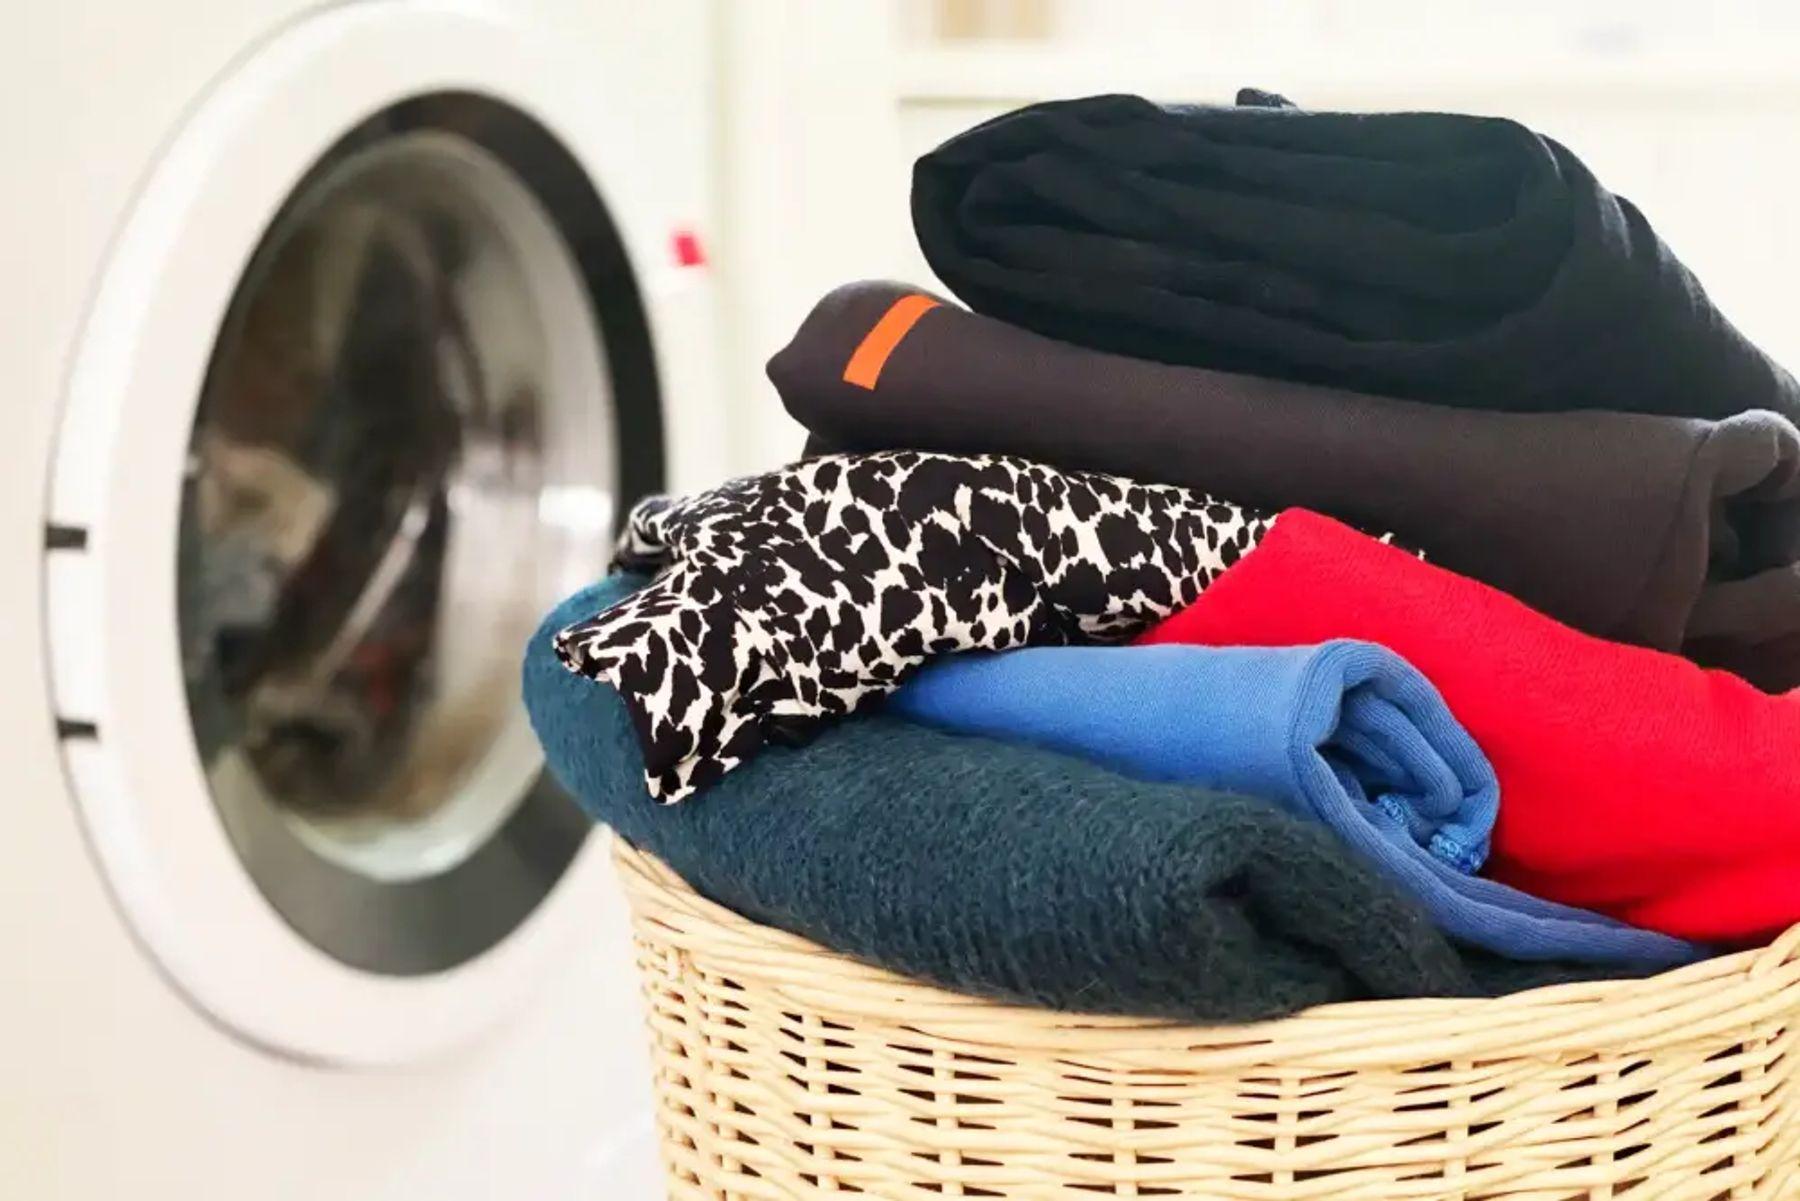 Step 4: Siyah ve Koyu Renk Çamaşırlar